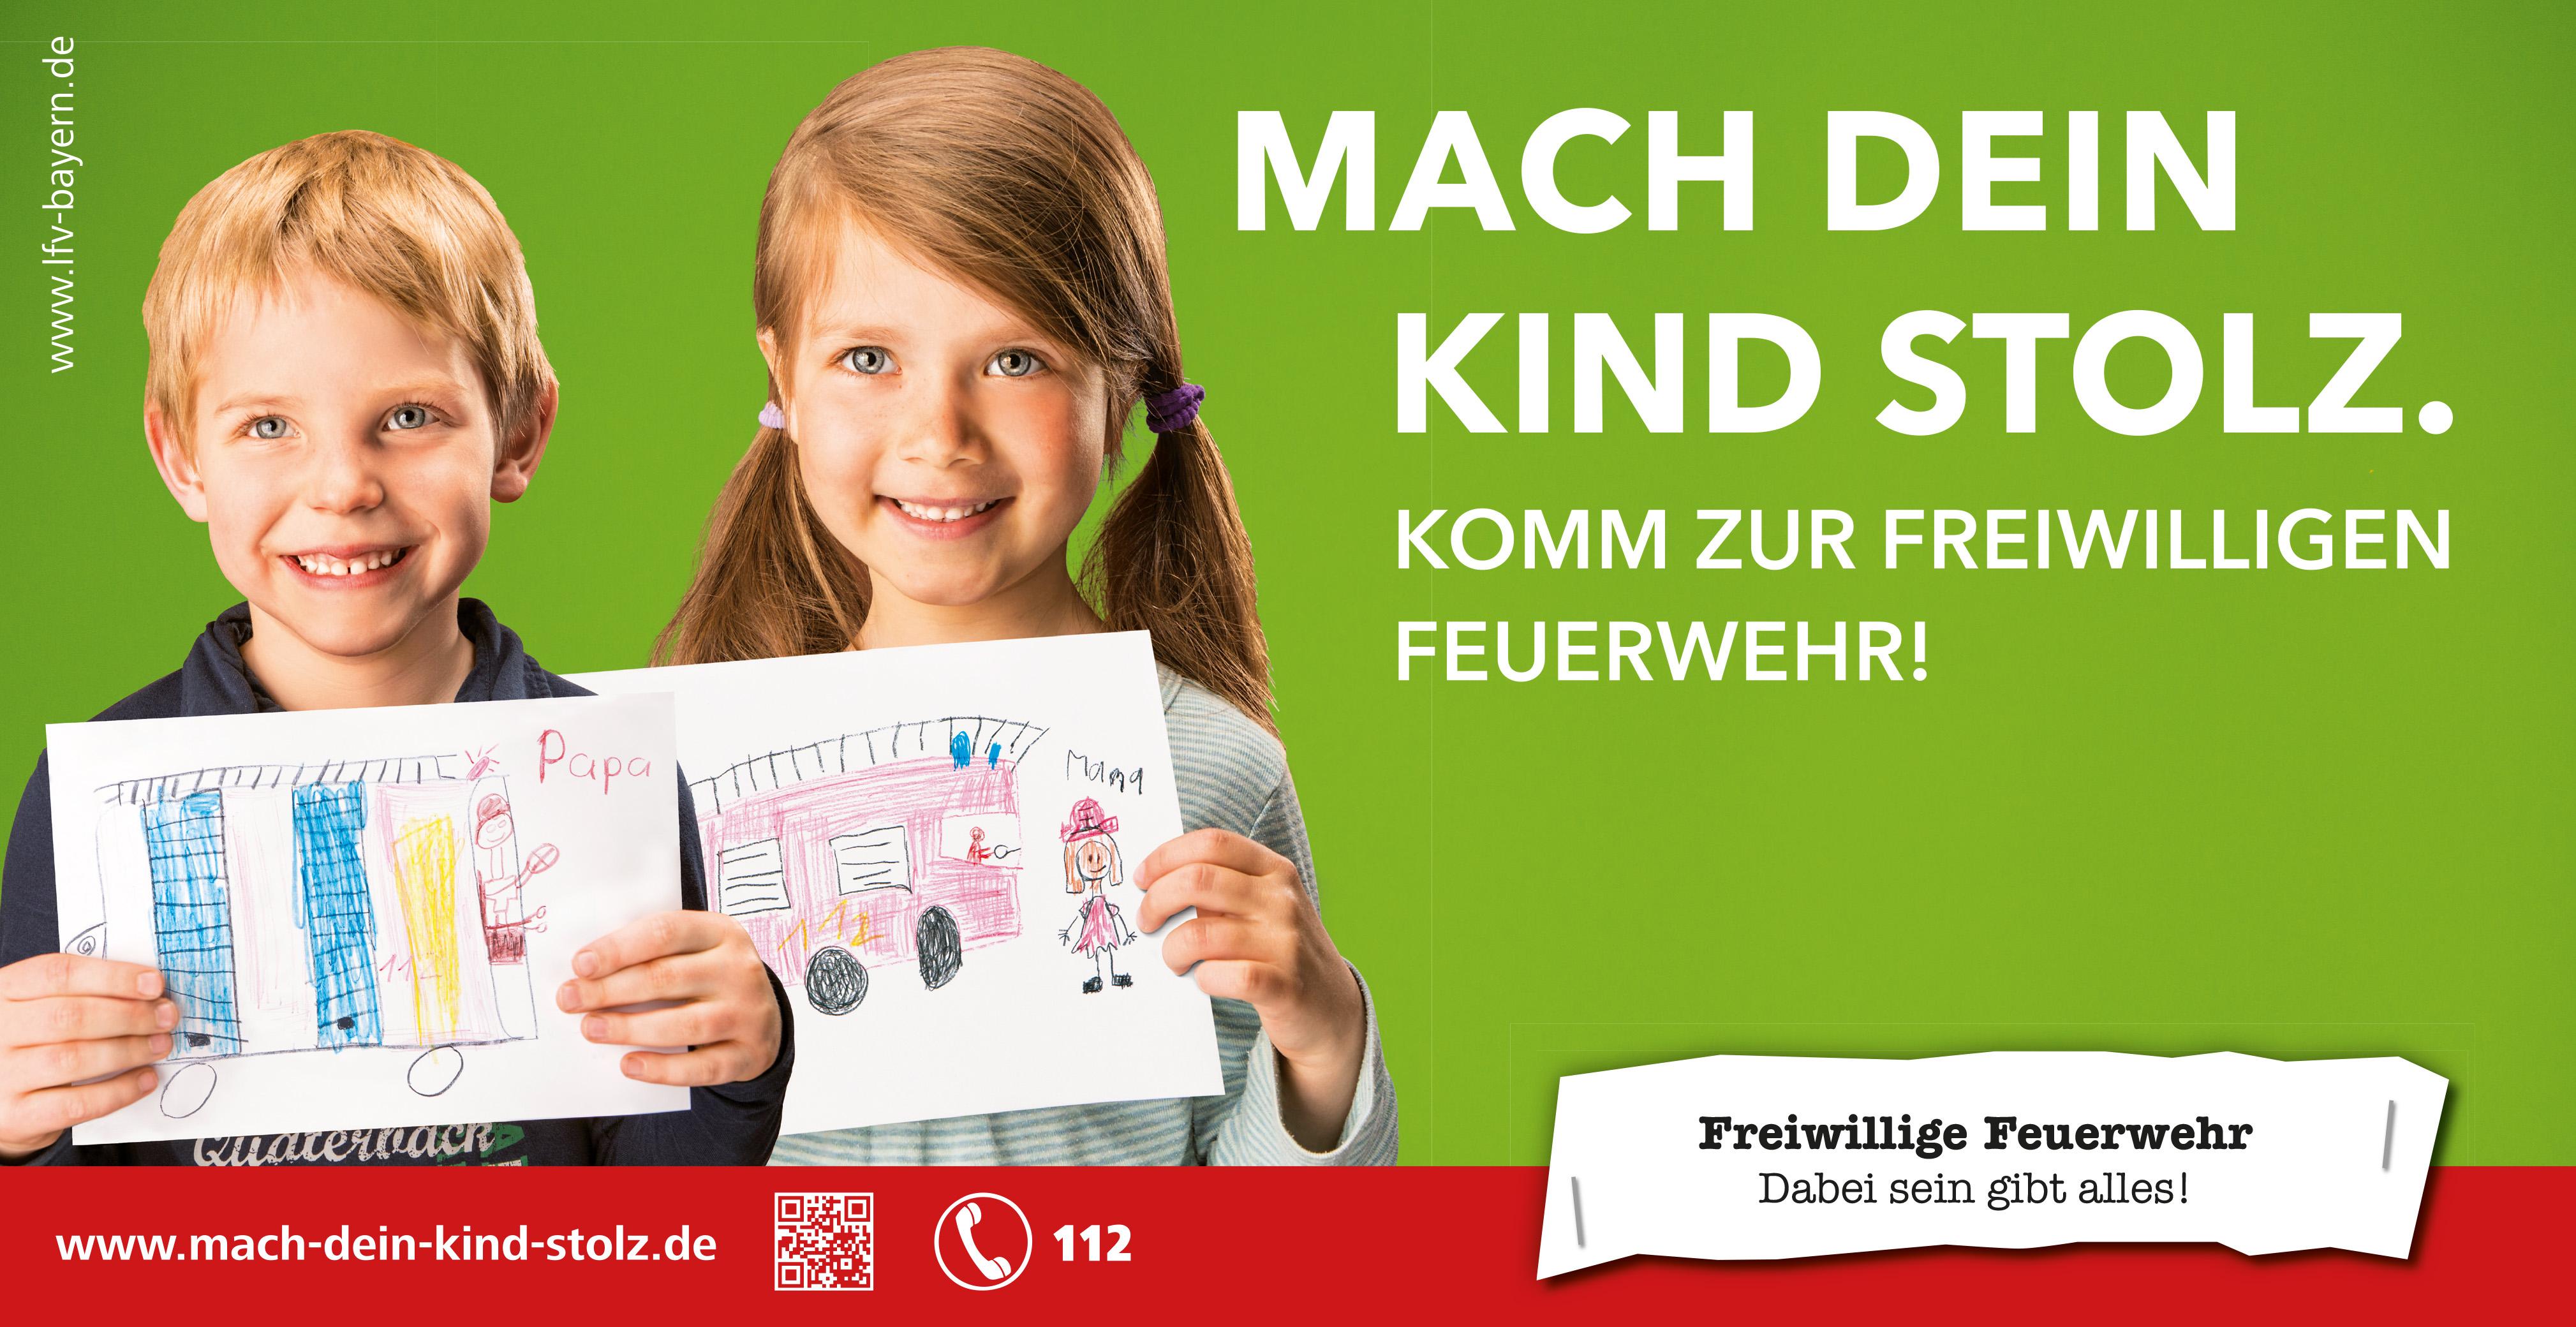 LFV_Kinder_Bauzaun_1zu10_17-07-14.indd